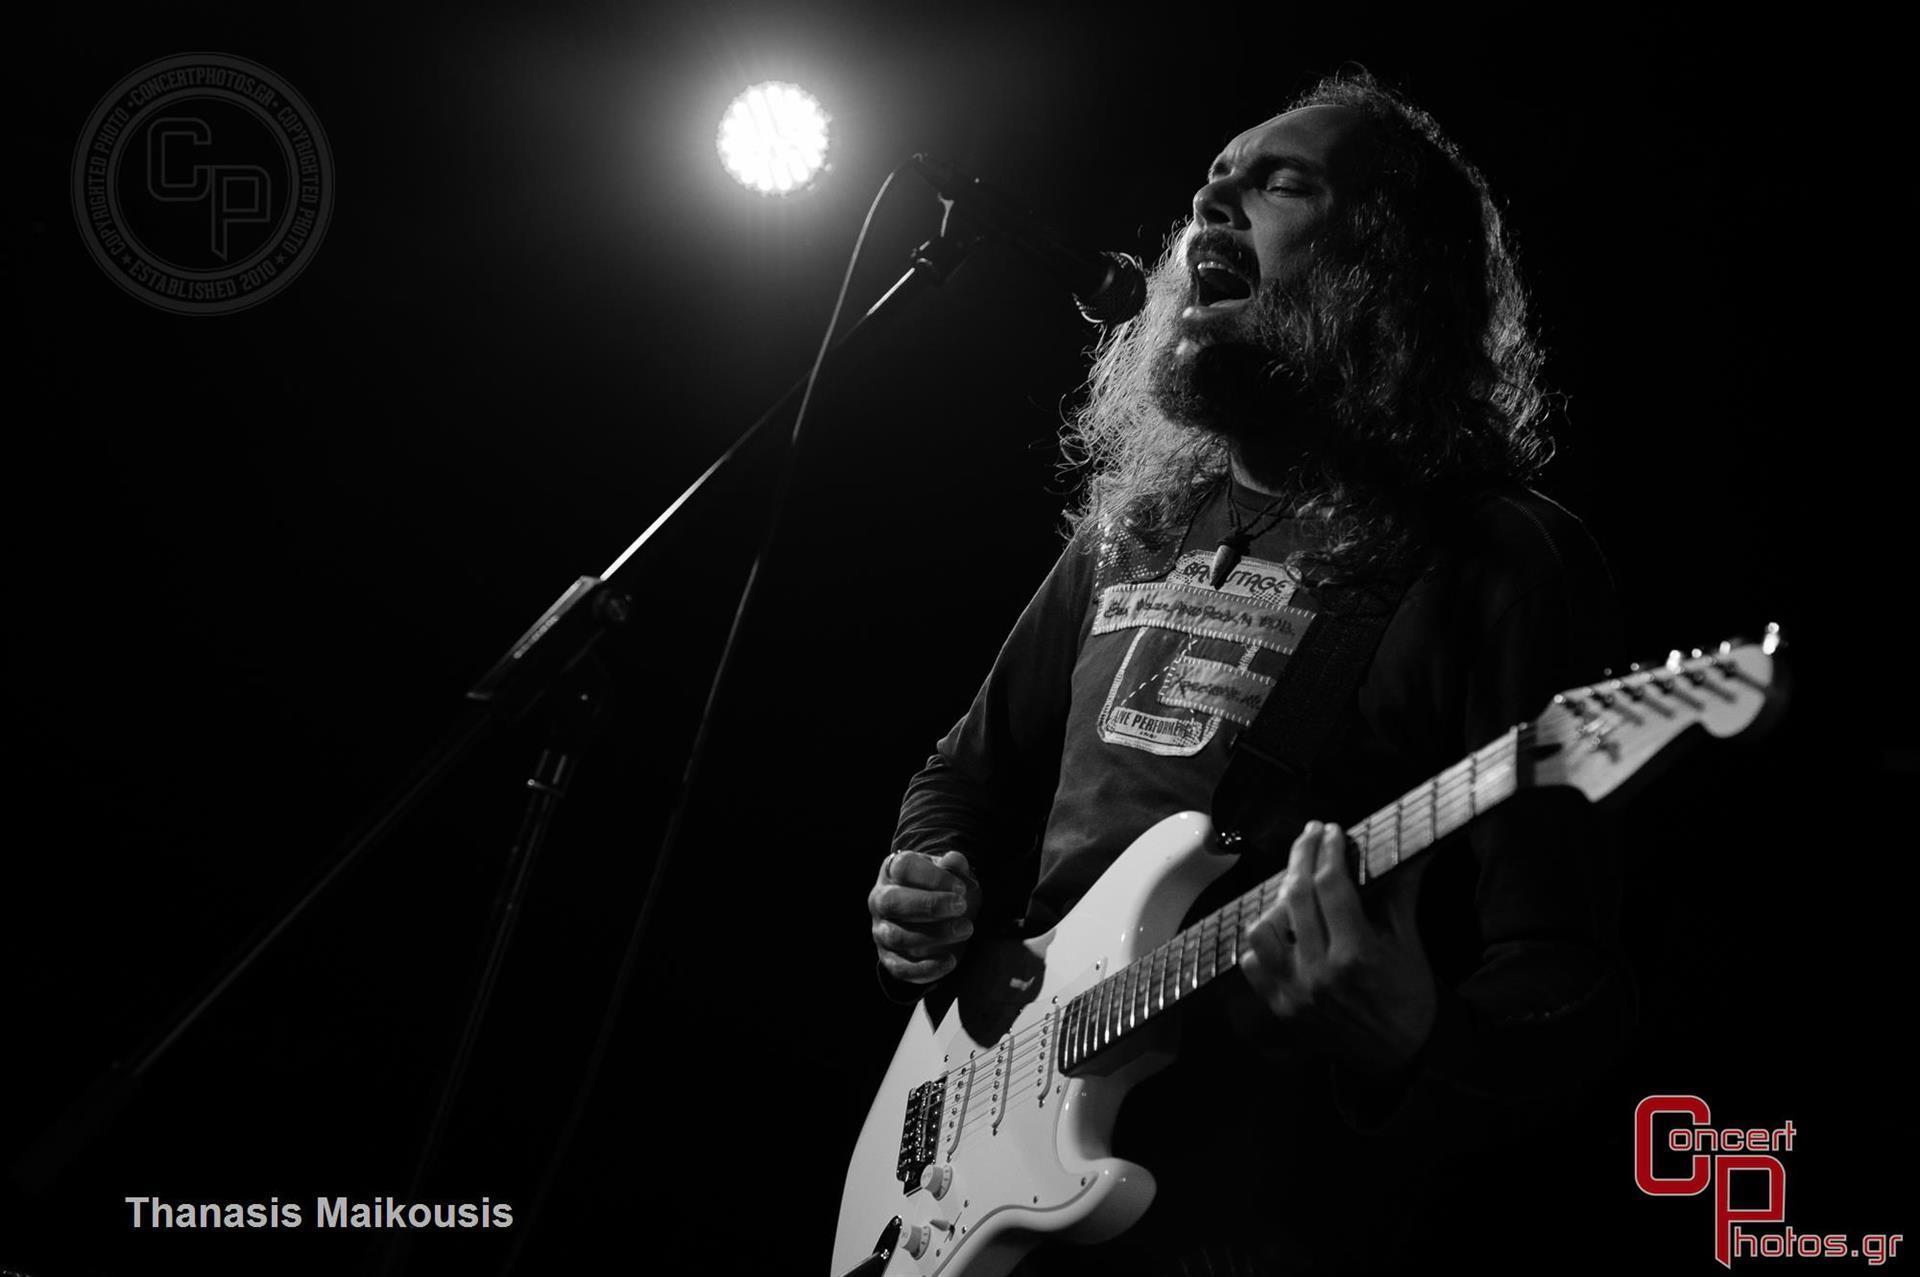 Battle Of The Bands Leg 5-Battle Of The Bands Leg 4 photographer: Thanasis Maikousis - ConcertPhotos - 20150315_2344_41